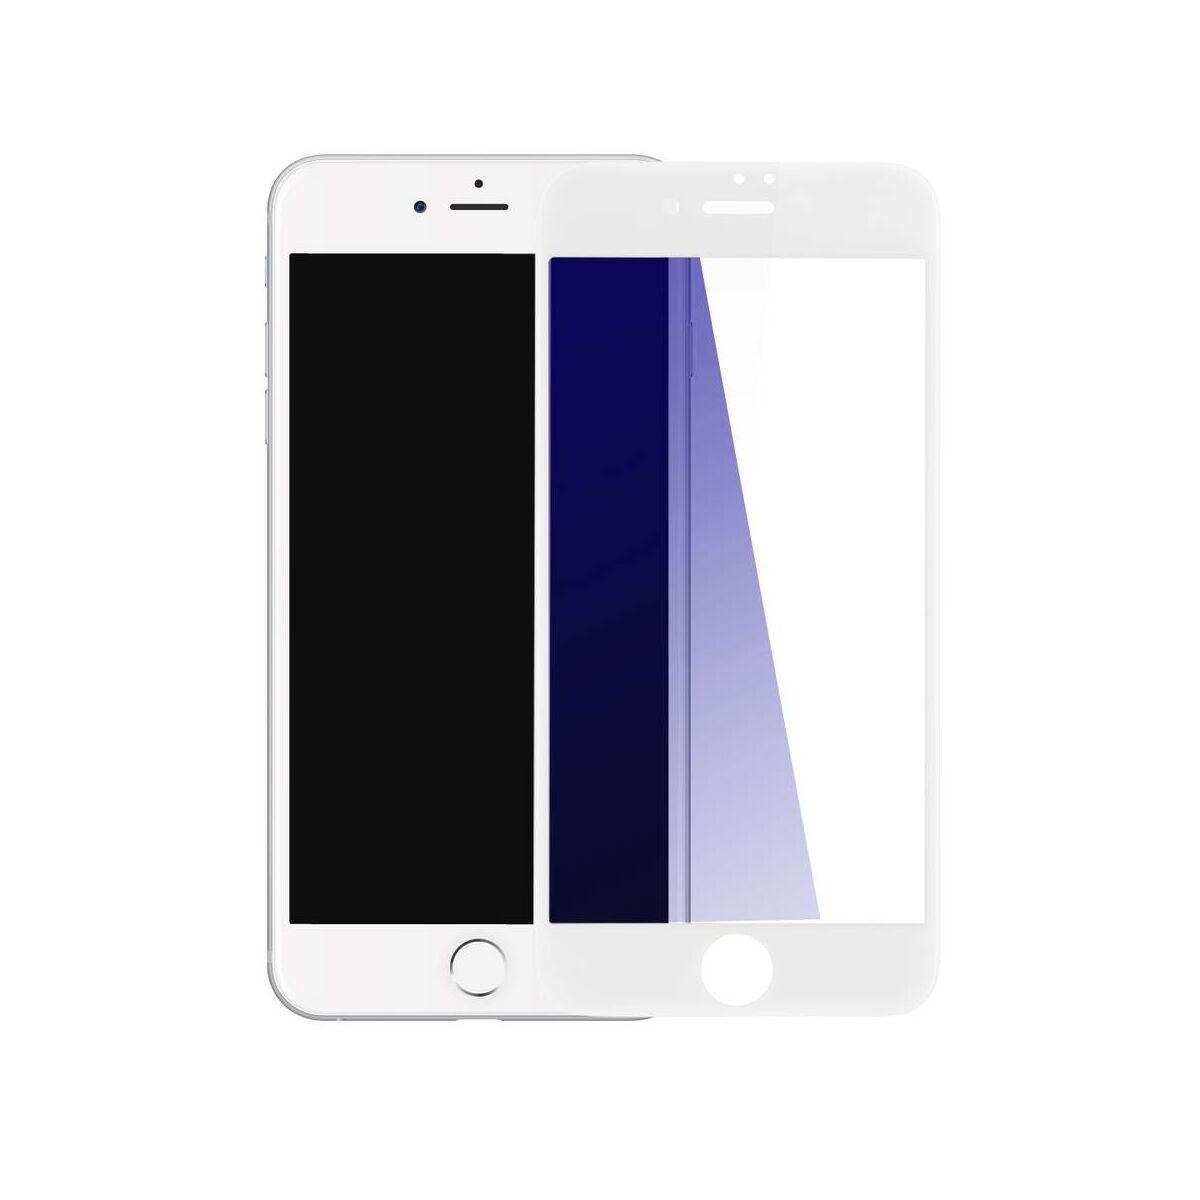 Baseus iPhone 8/7 0.23 mm, teljes felületre erősített kékfény szűrős edzett üveg kijelzővédő fólia, fehér (SGAPIPH8N-TES02)